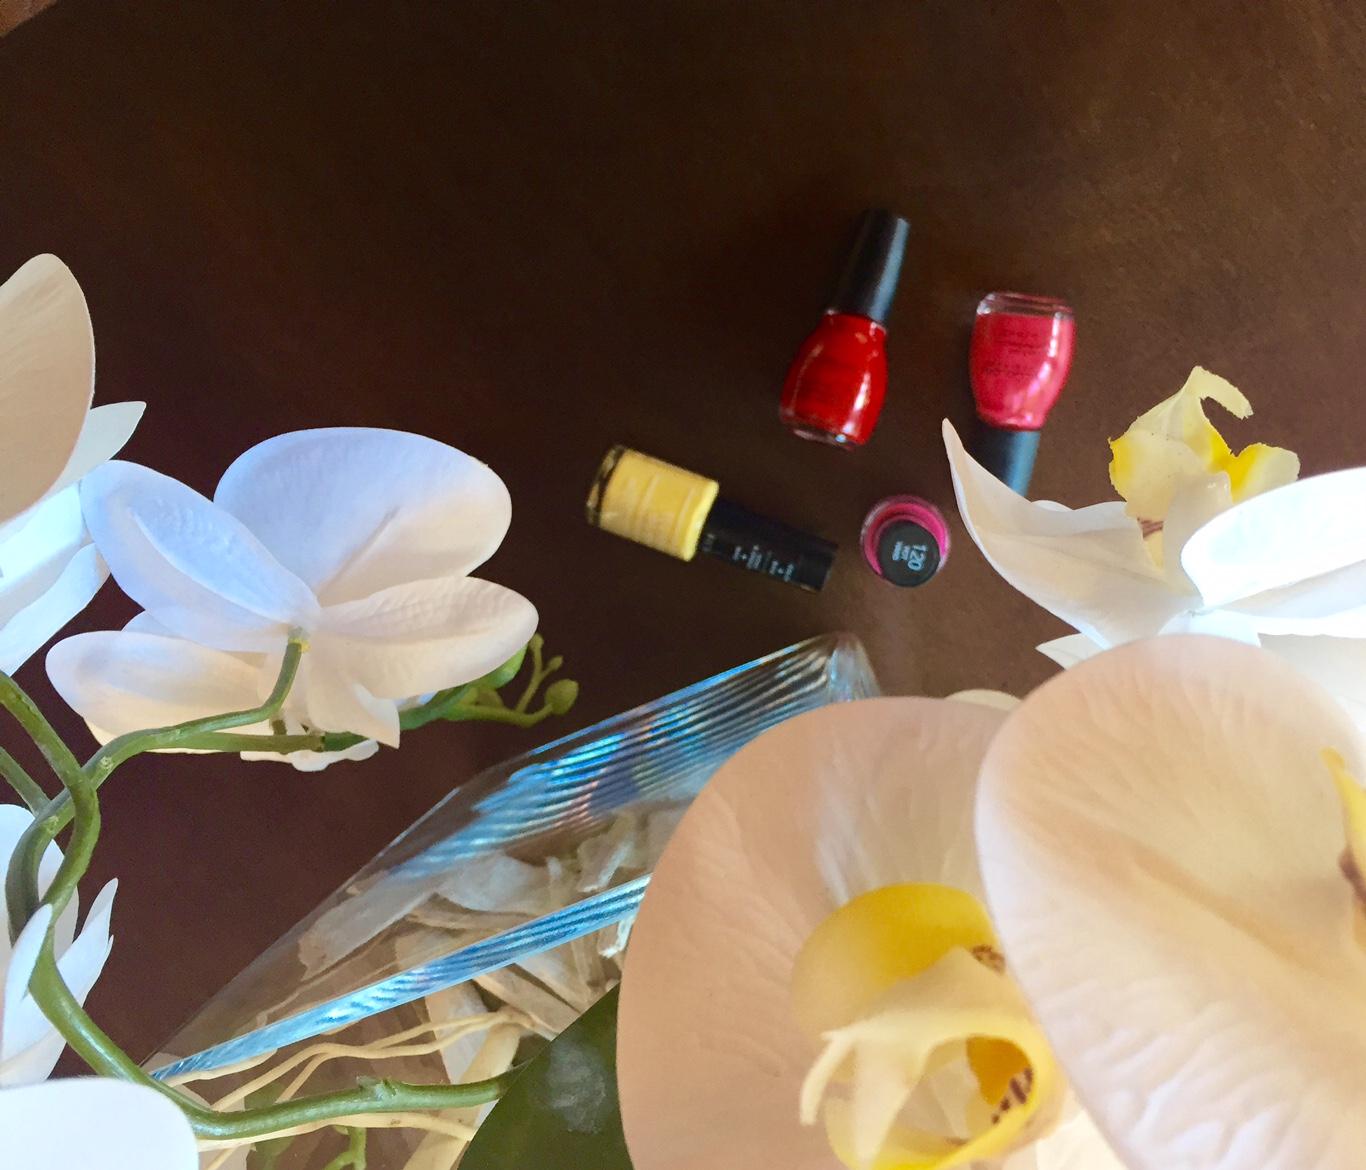 REVLON-LOVEISON-trucchi-estate-rossetti-lucidalabbra-primavera-non-si-dice-piacere-blog-smalti